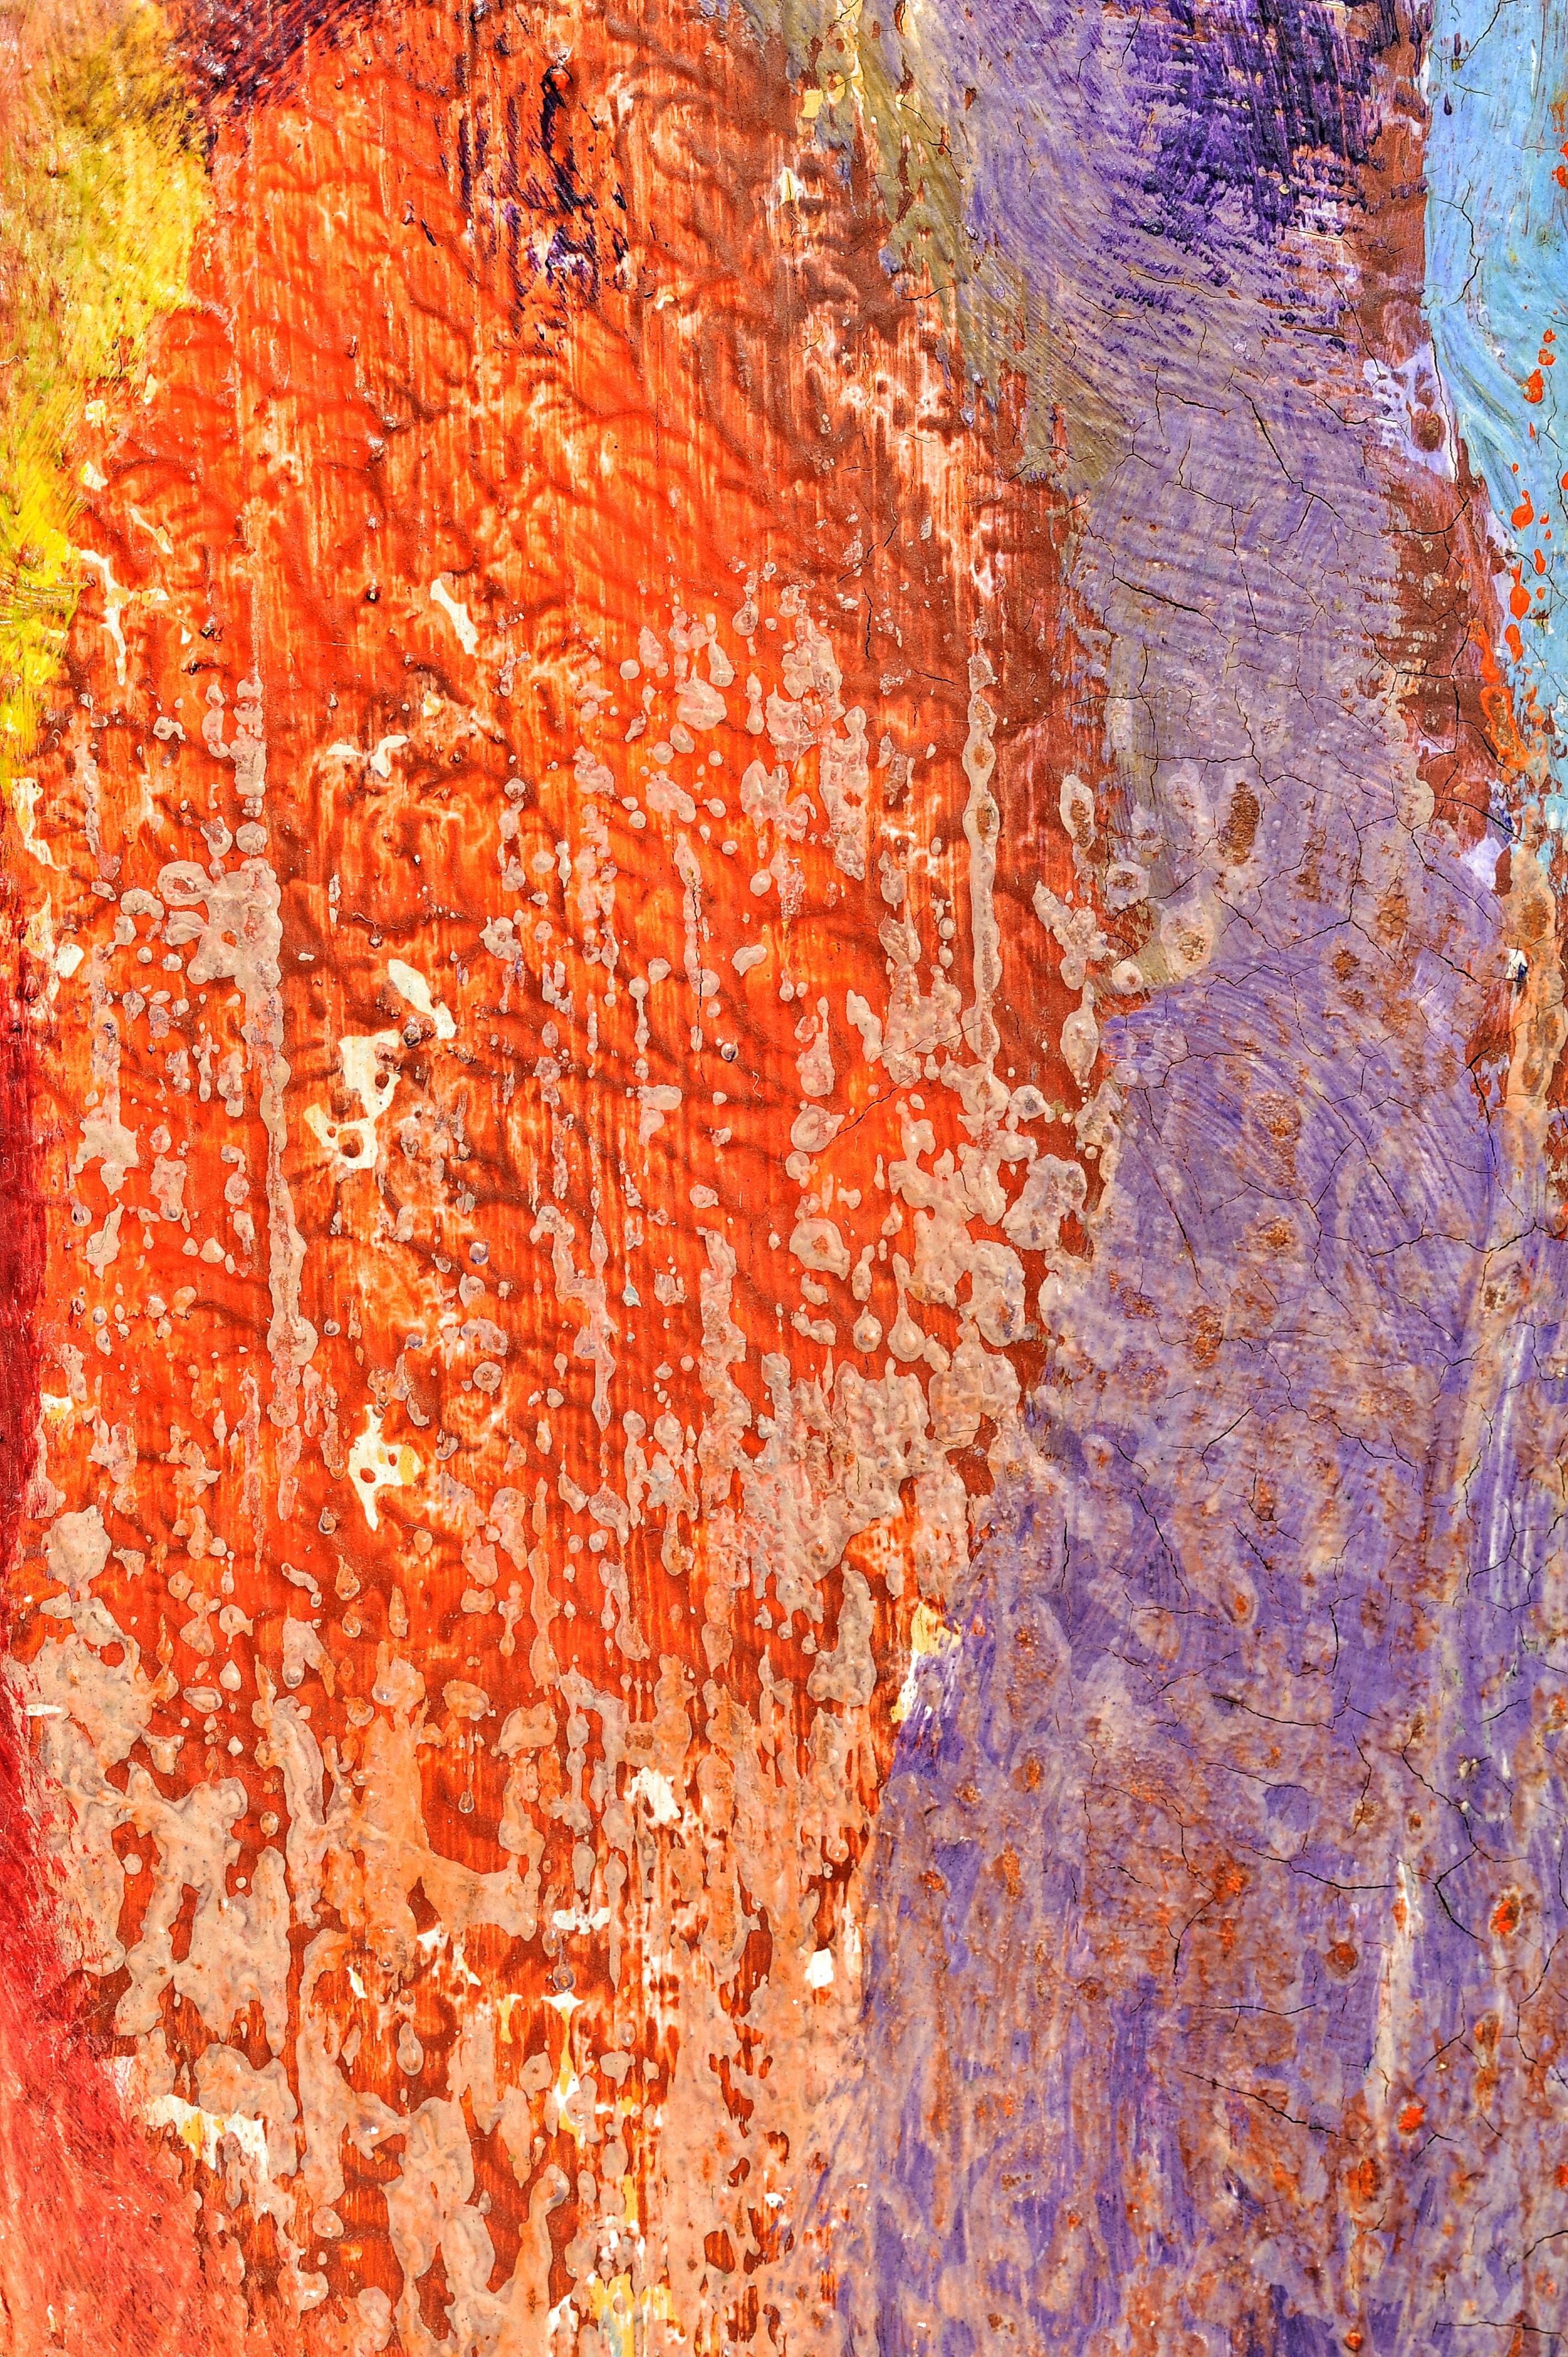 Images Gratuites Arbre Roche Texture Feuille Mur Formation